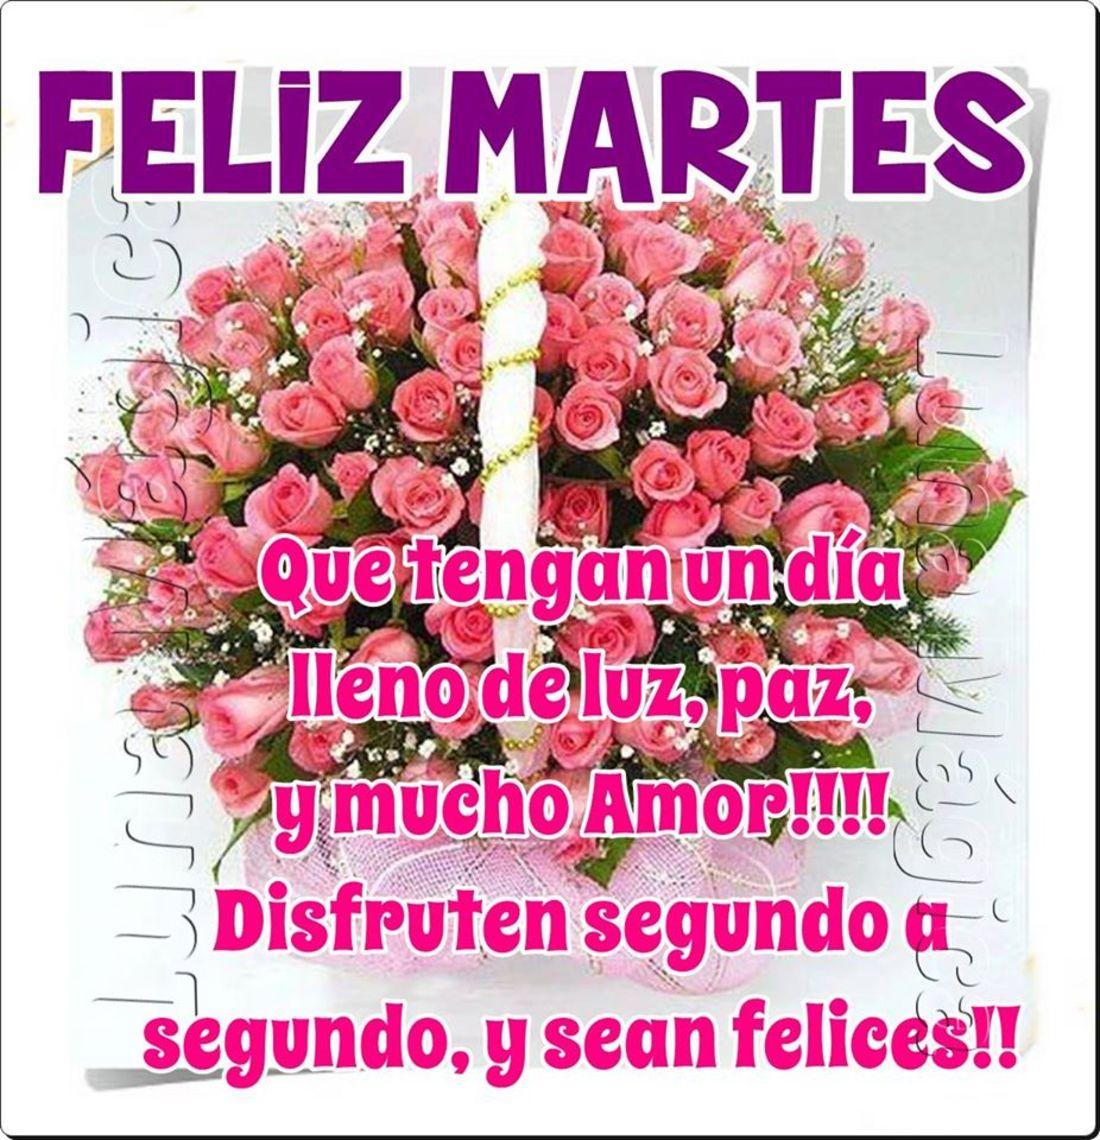 Feliz Martes que tengan día lleno de luz, paz, y mucho amor!!! Disfruten segundo a segundo, y sean felices!!